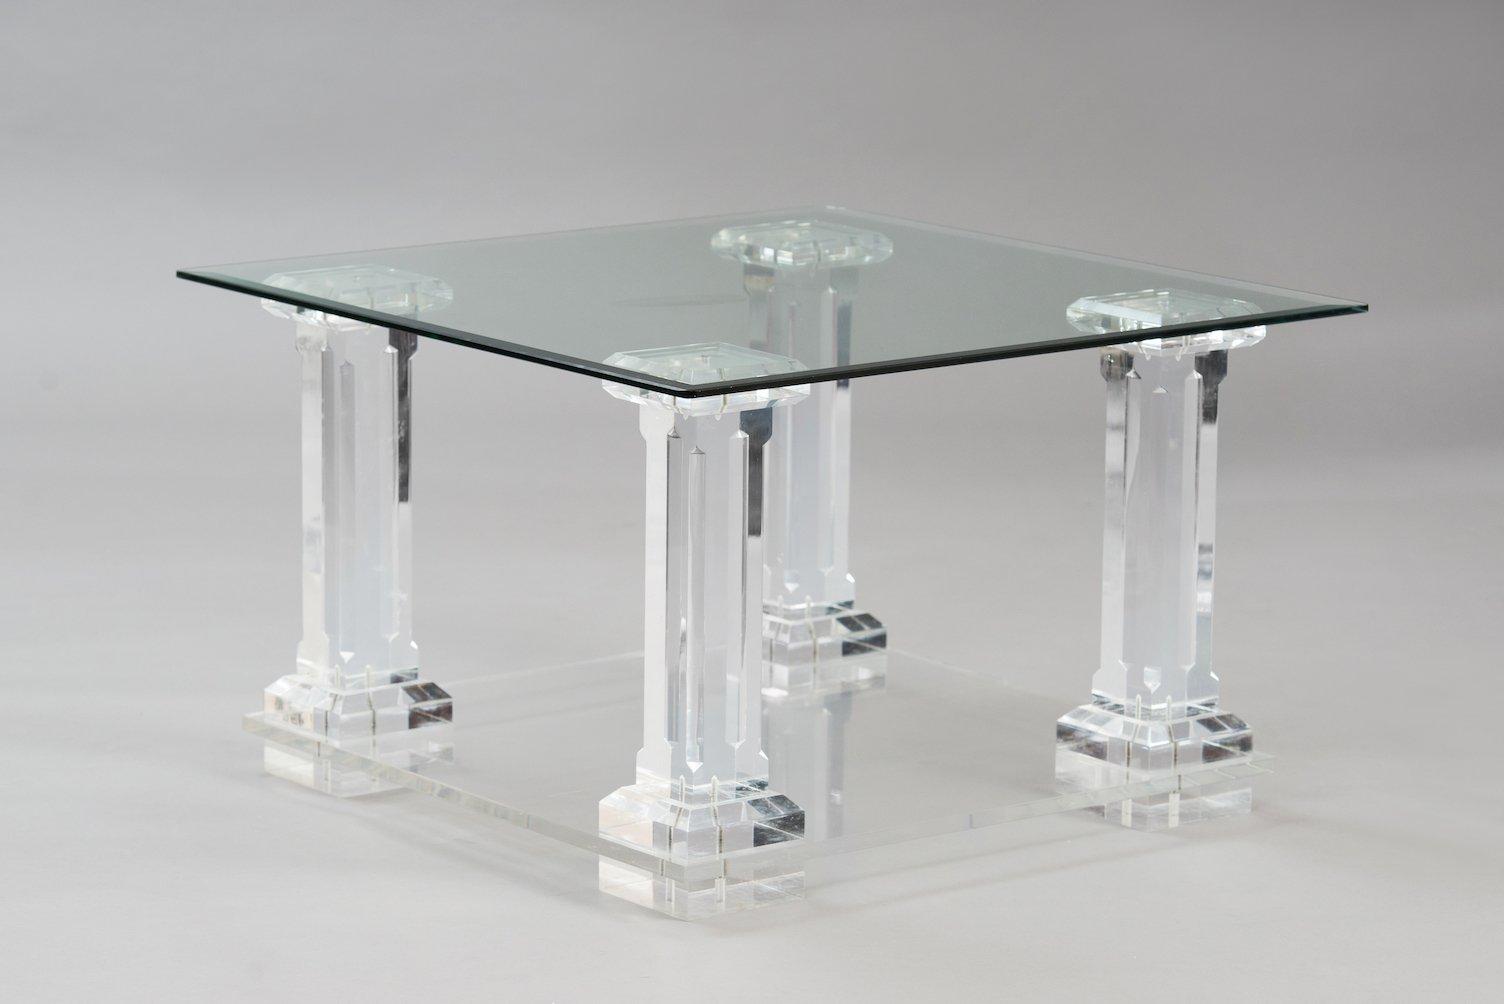 Bemerkenswert Glasbeistelltisch Beste Wahl Italienischer Plexiglas & Glas Beistelltisch